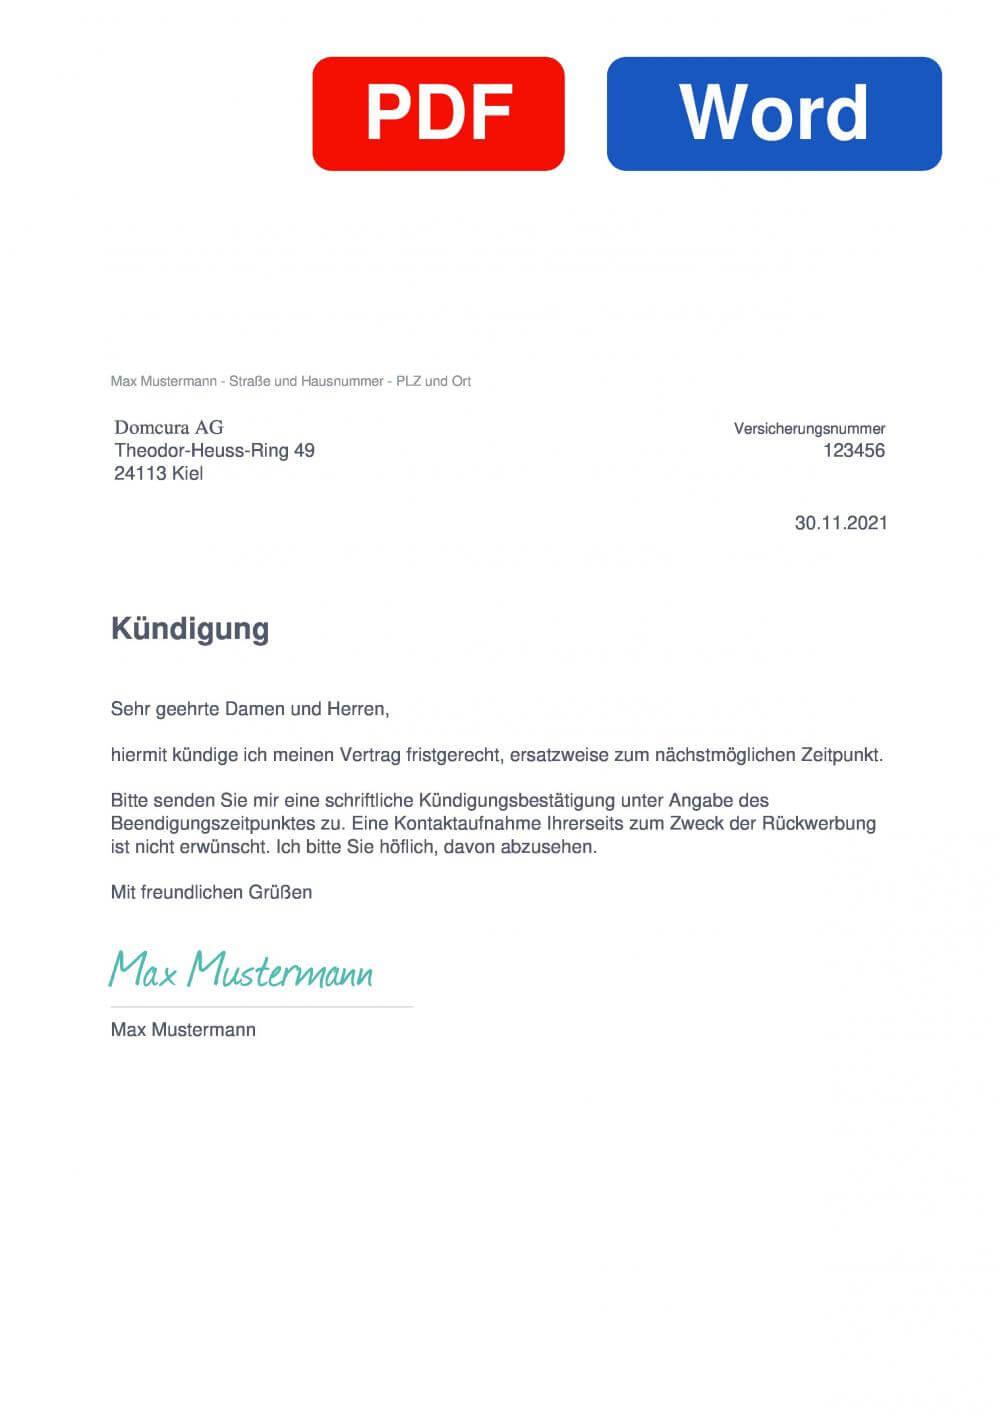 DOMCURA Muster Vorlage für Kündigungsschreiben